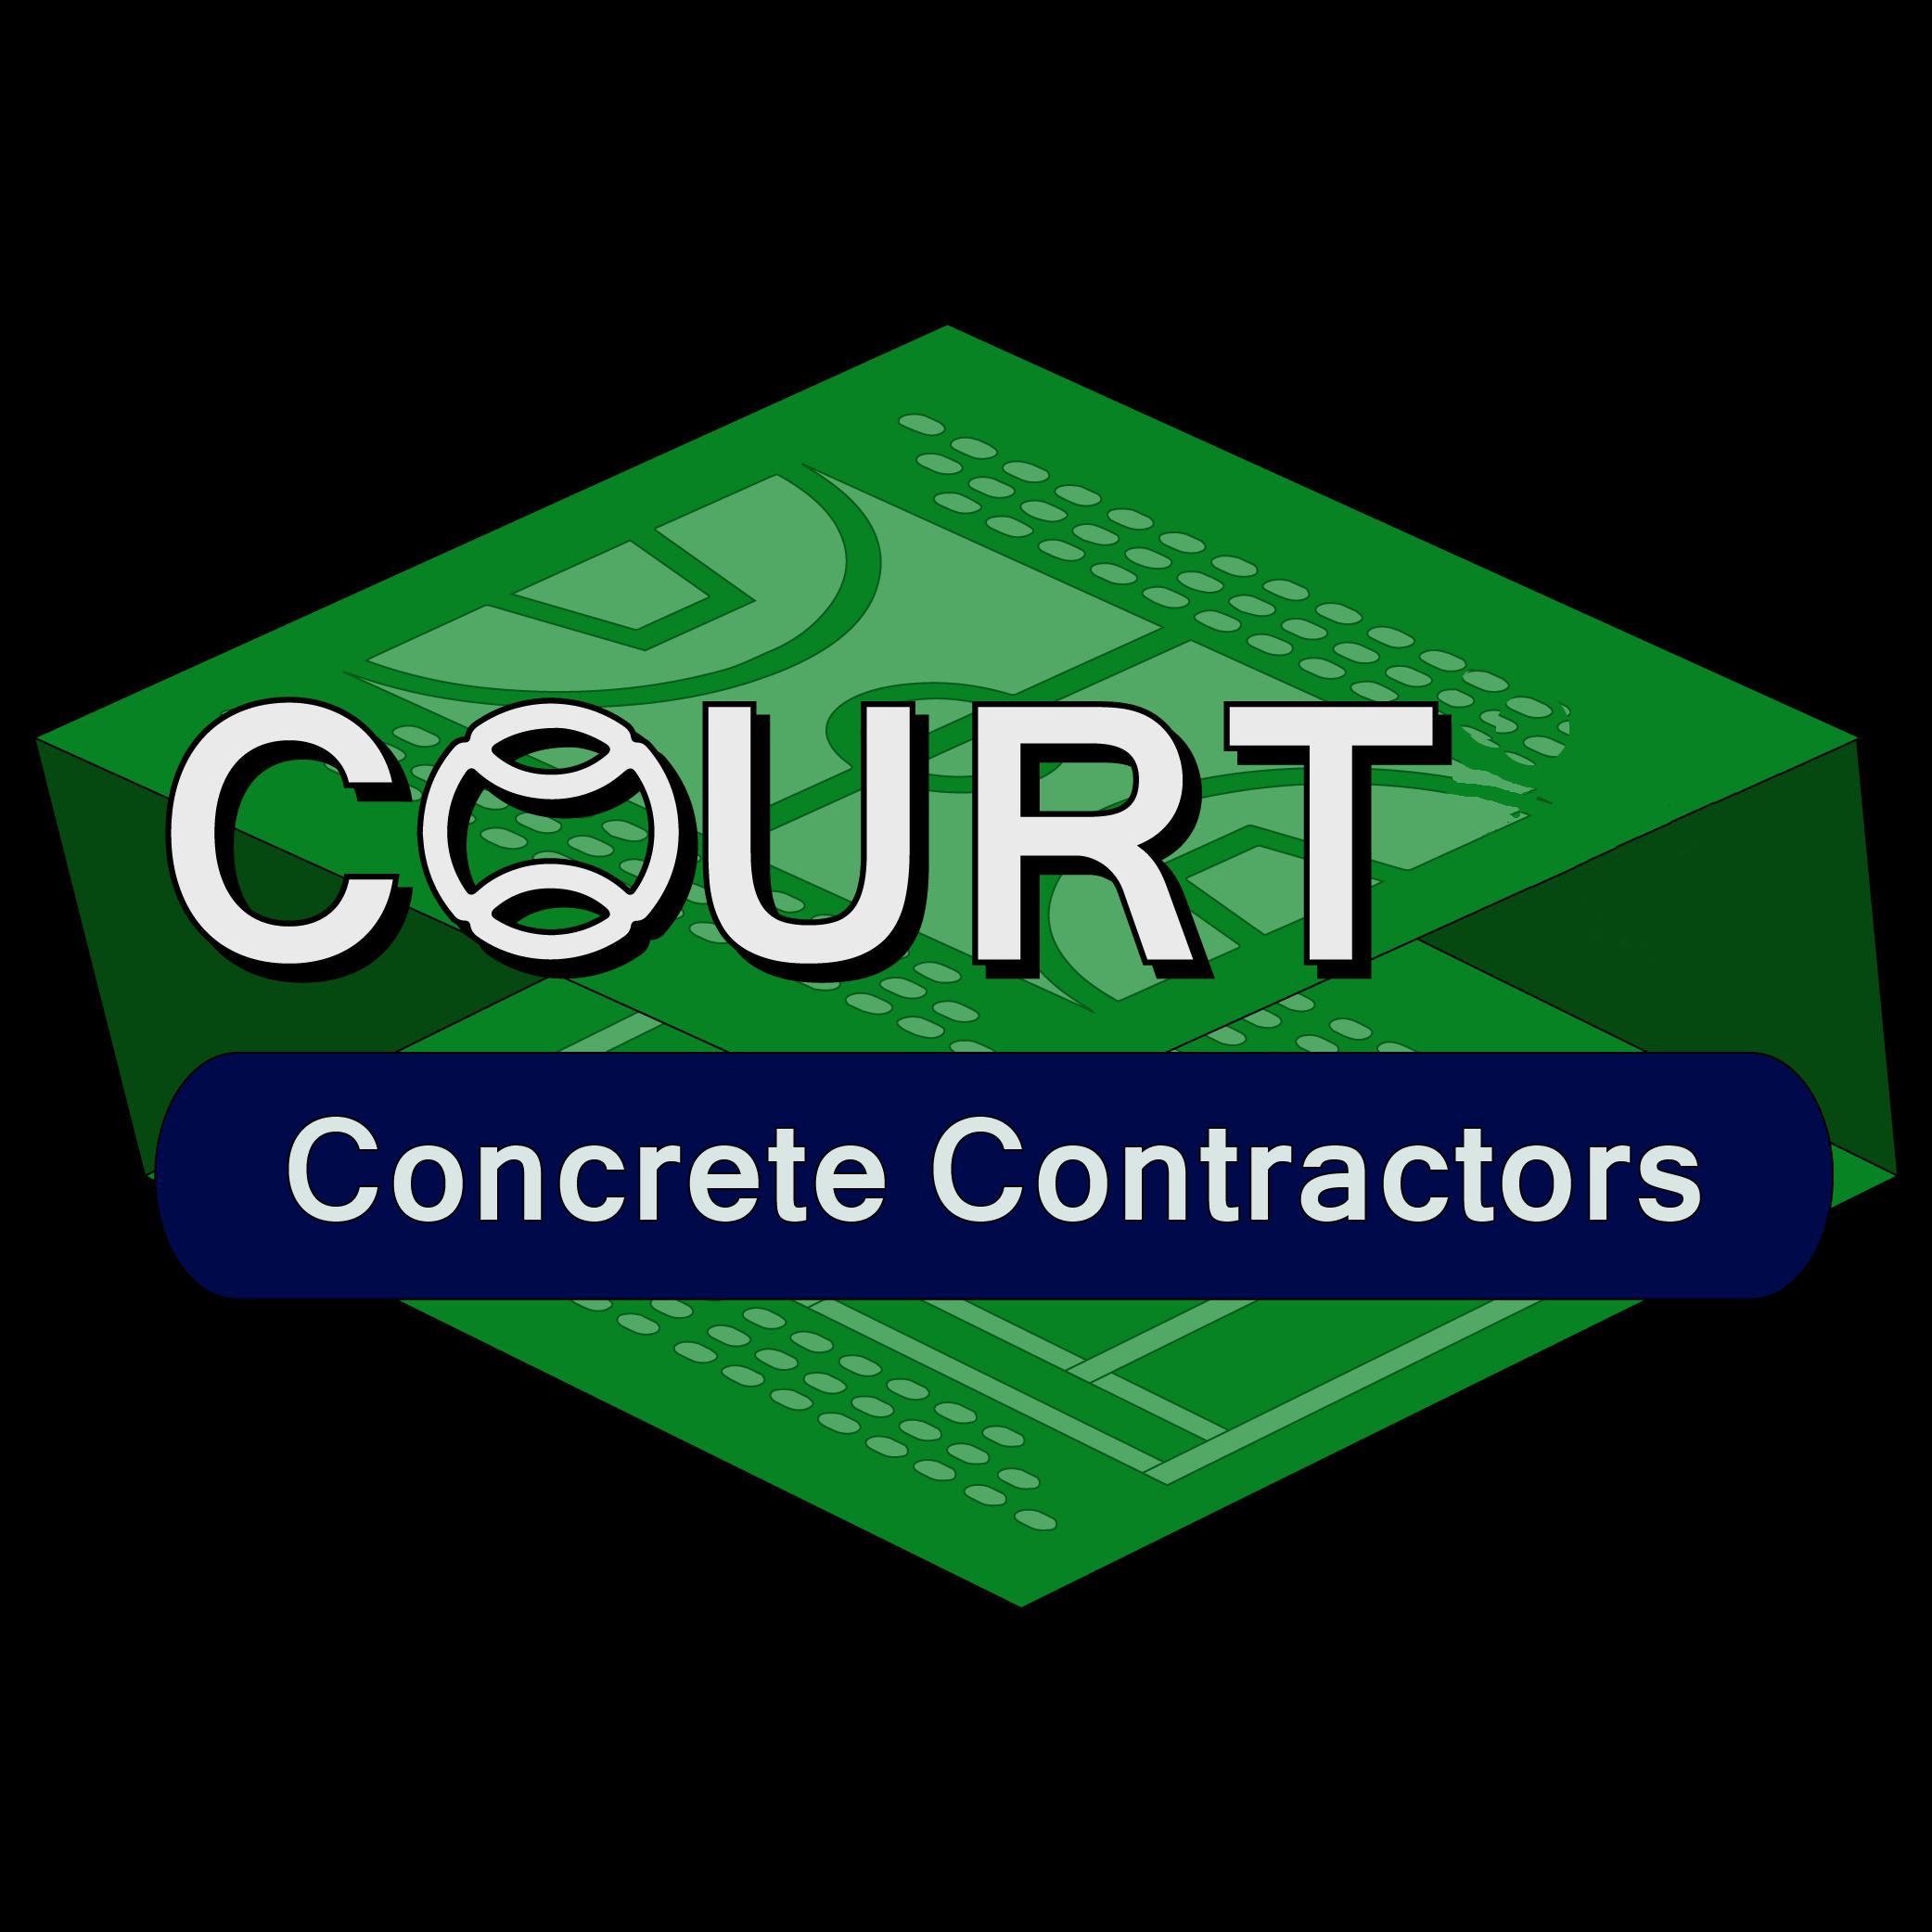 Concrete Company Jacksonville FL | Court Concrete Contractors